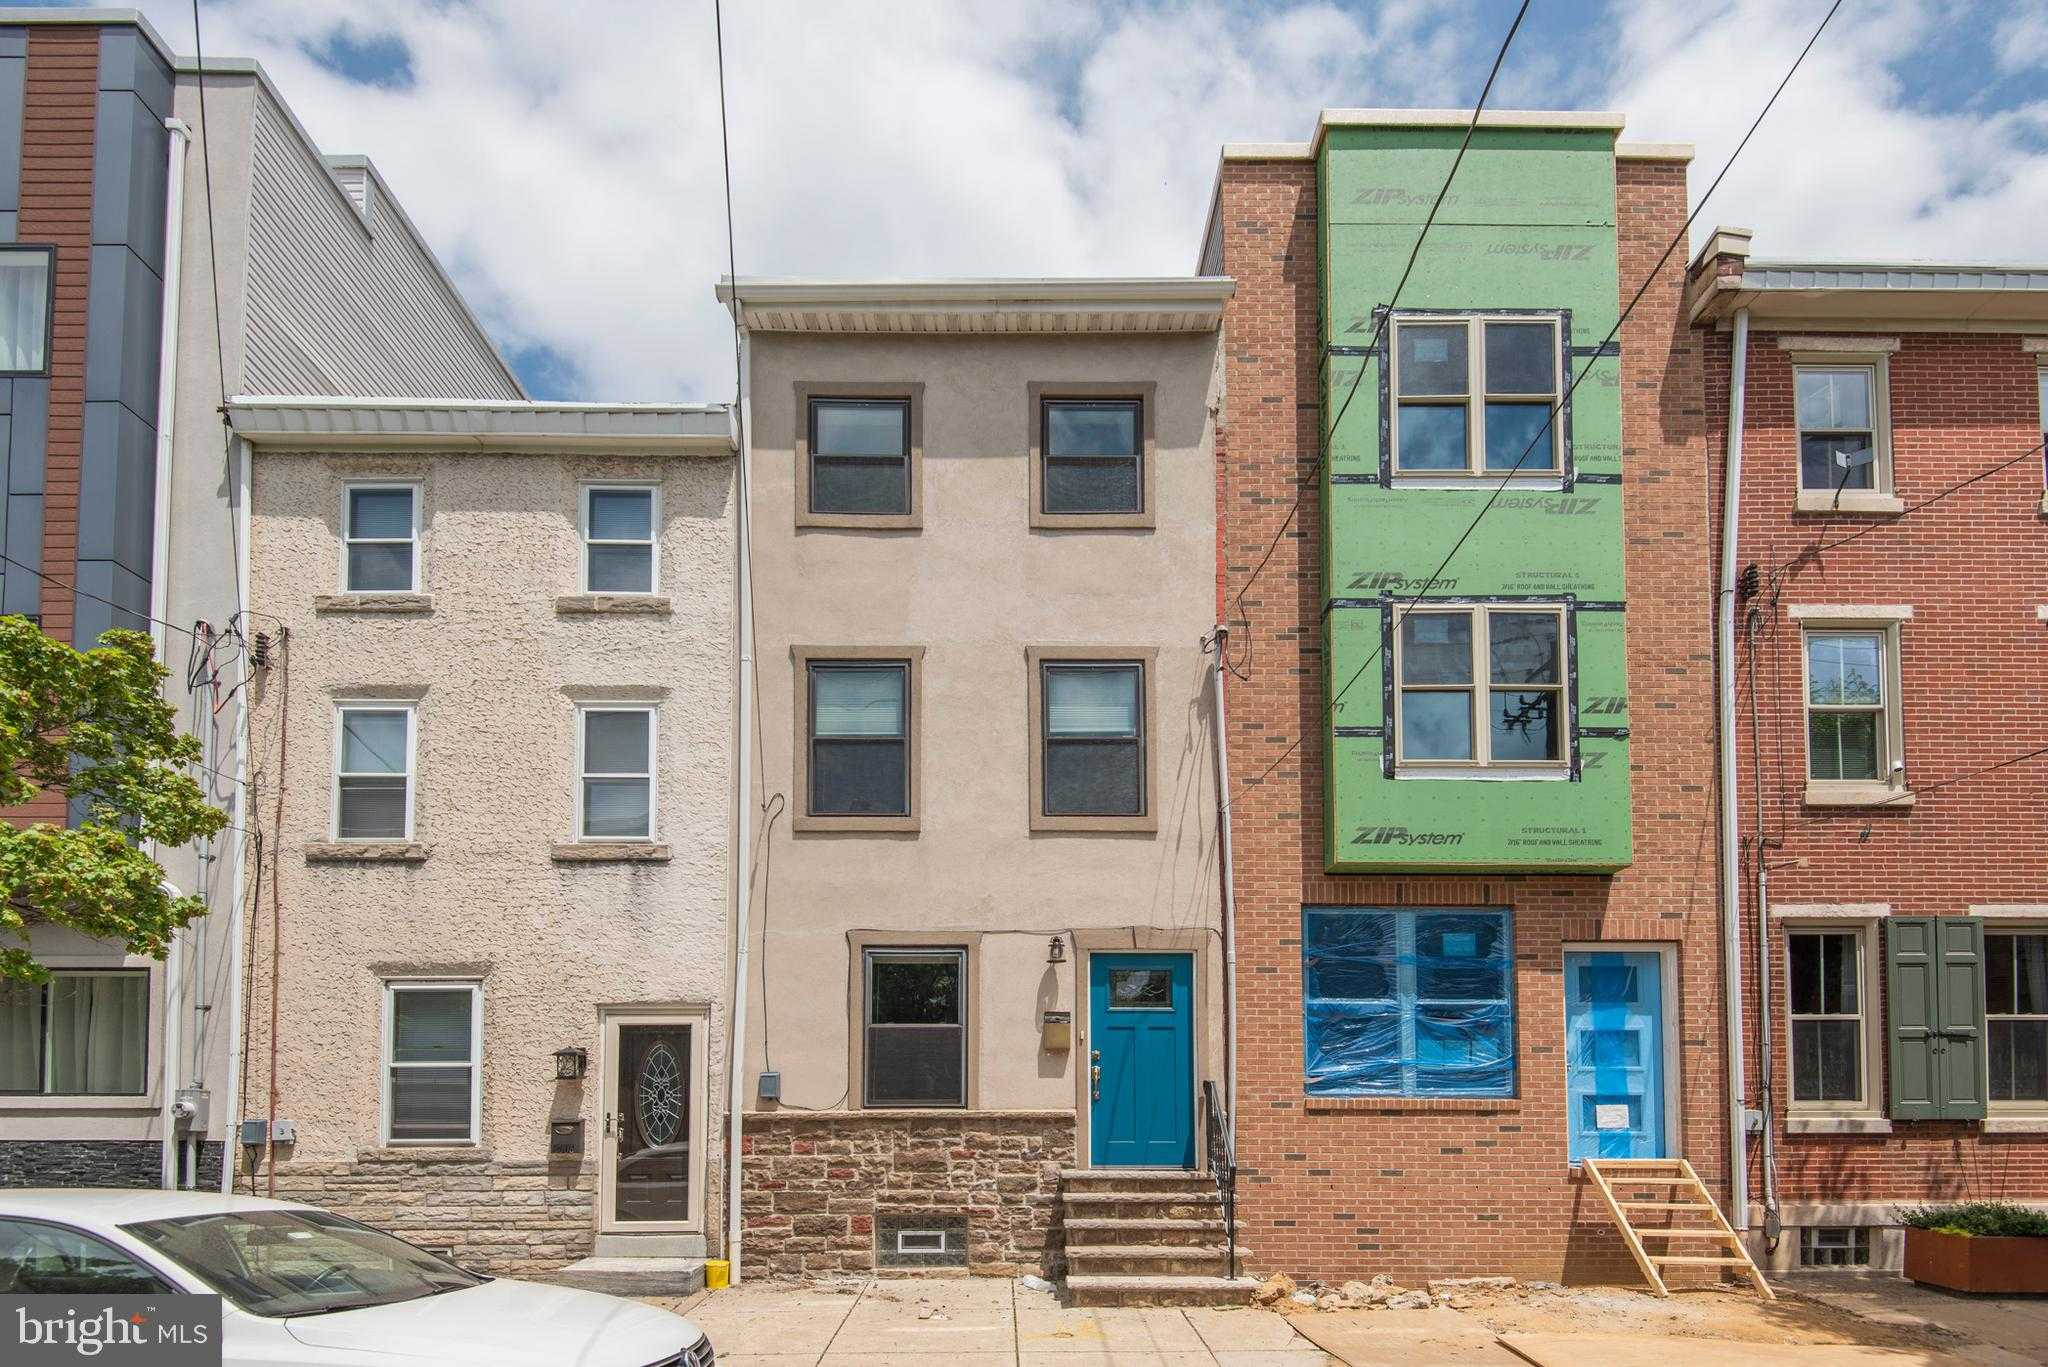 $399,000 - 3Br/3Ba -  for Sale in Fishtown, Philadelphia